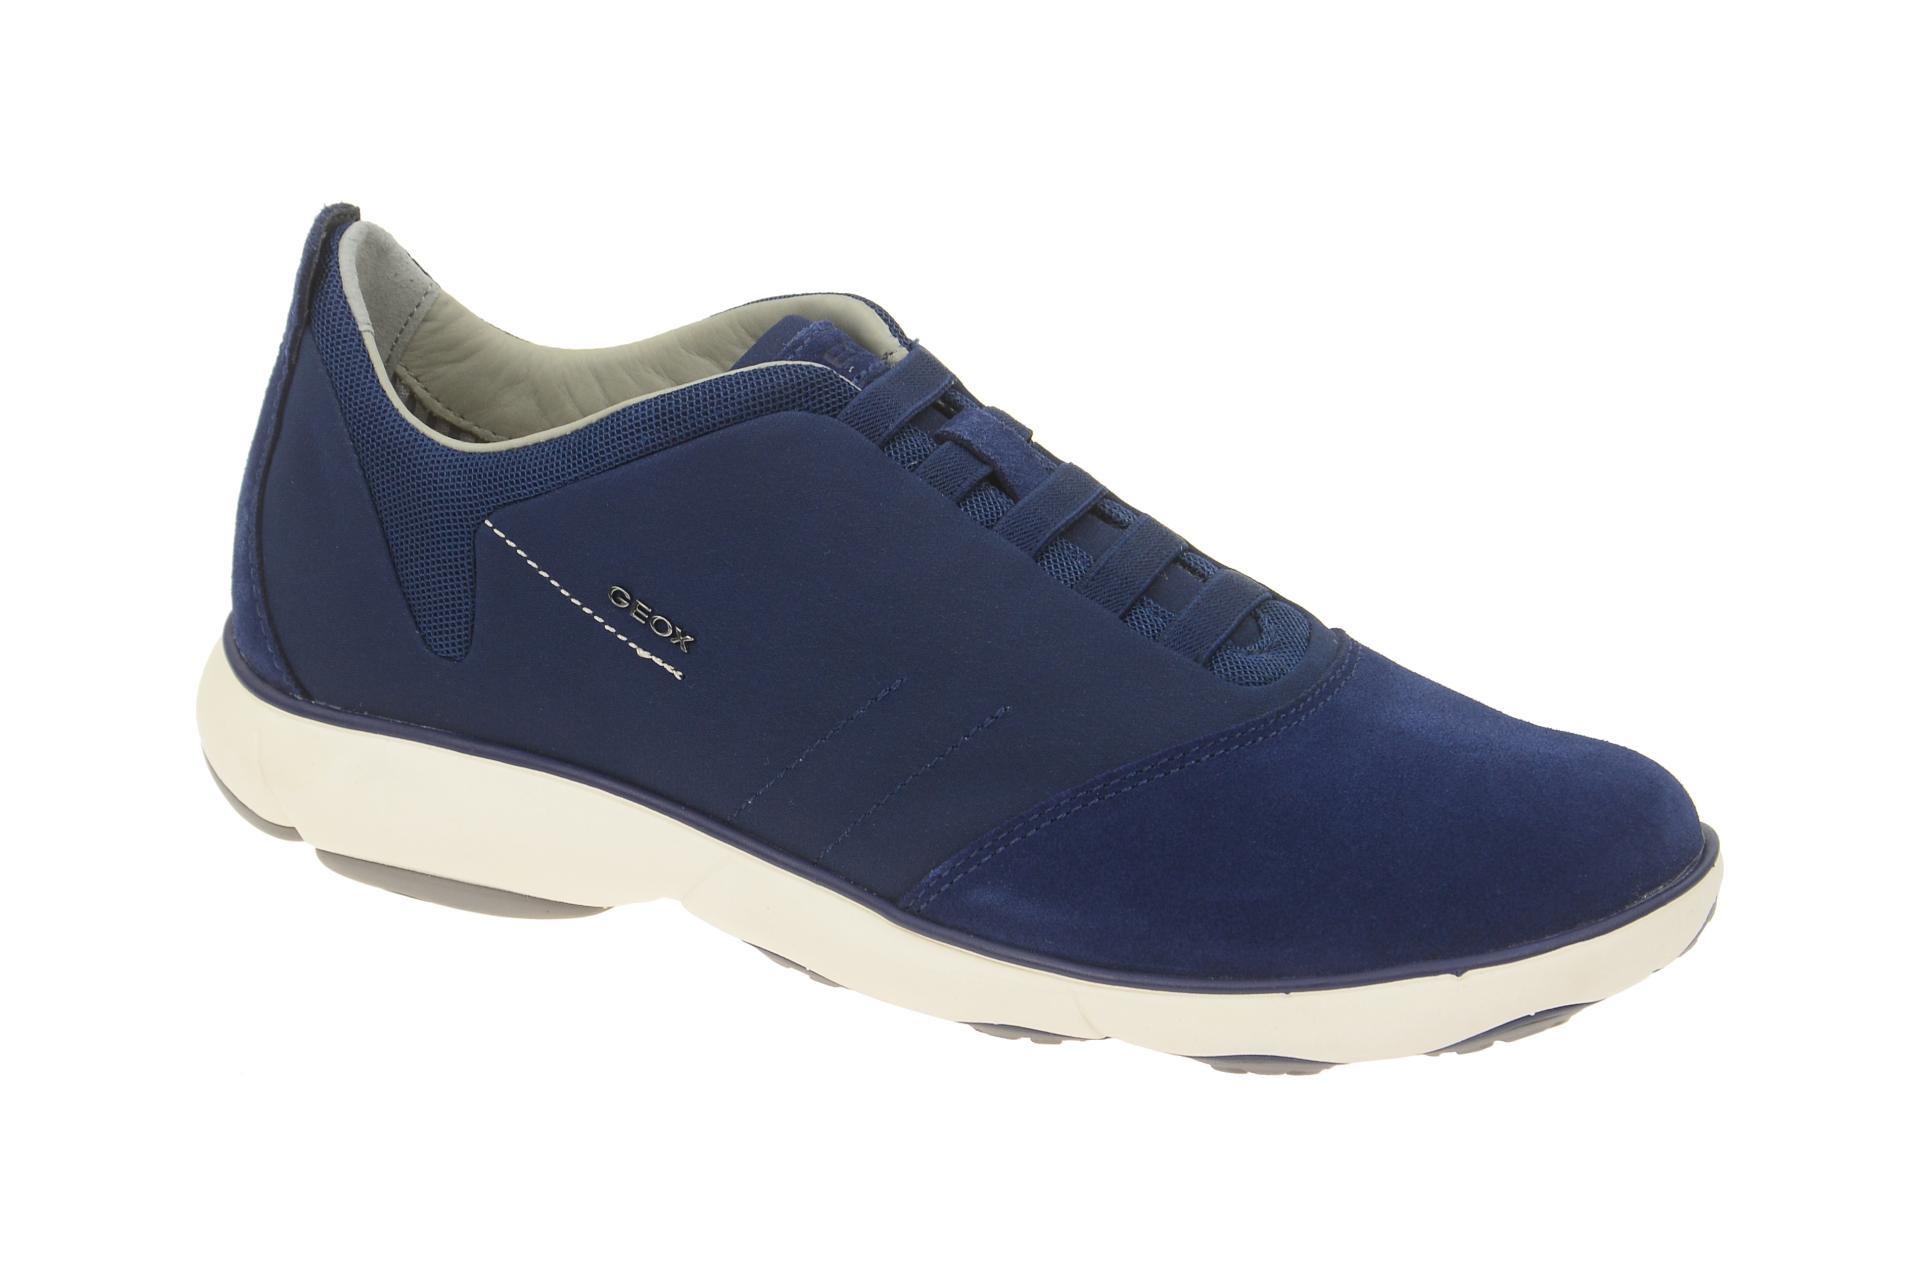 Details zu Geox Schuhe NEBULA blau Herrenschuhe bequeme Slipper U52D7B 01122 C4072 NEU